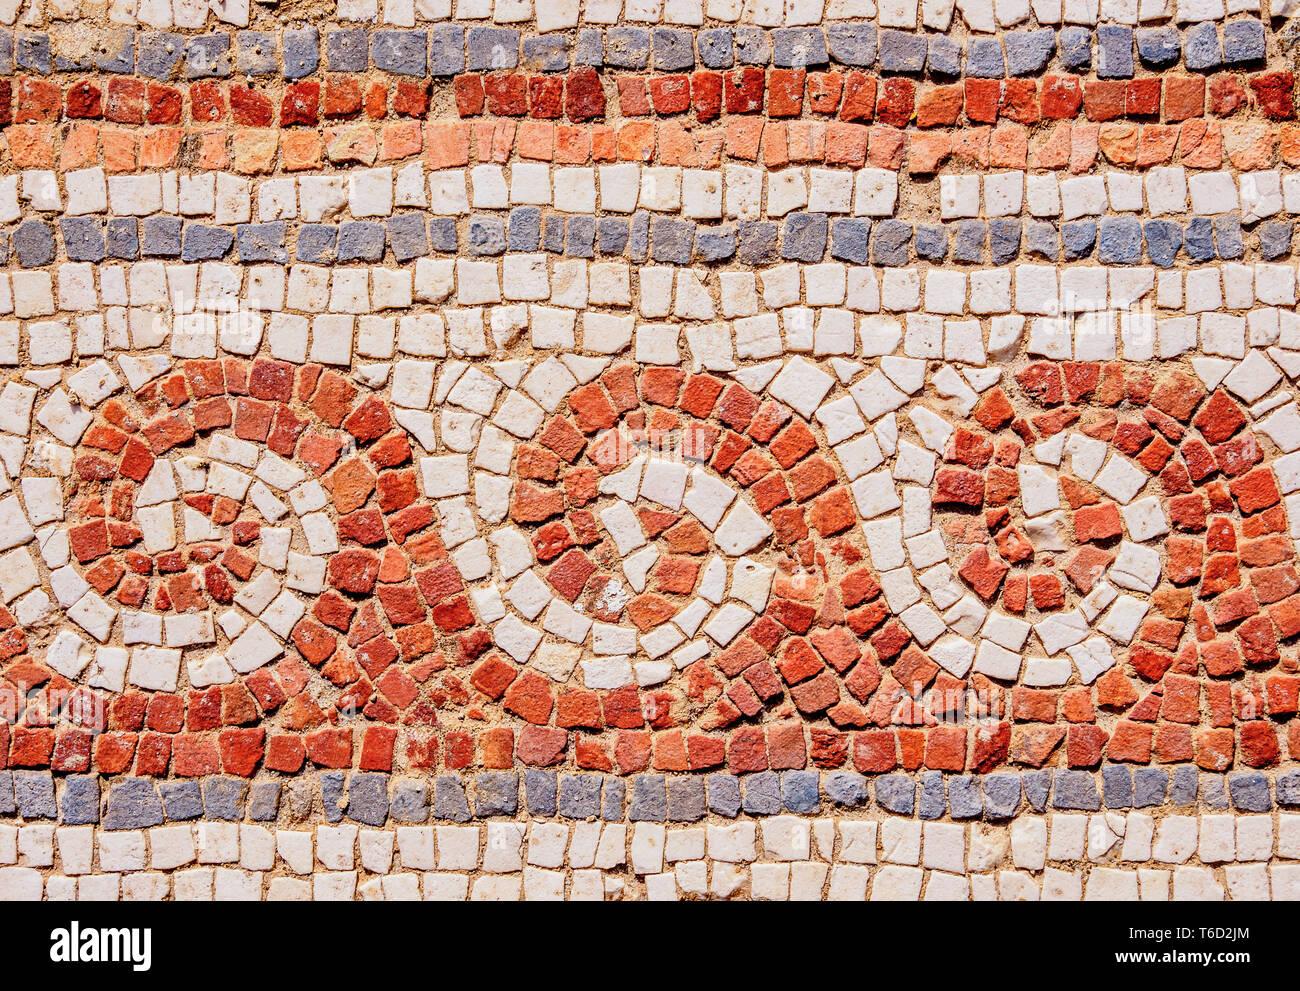 Pavimento a mosaico in Jerash Jerash, Governatorato, Giordania Immagini Stock